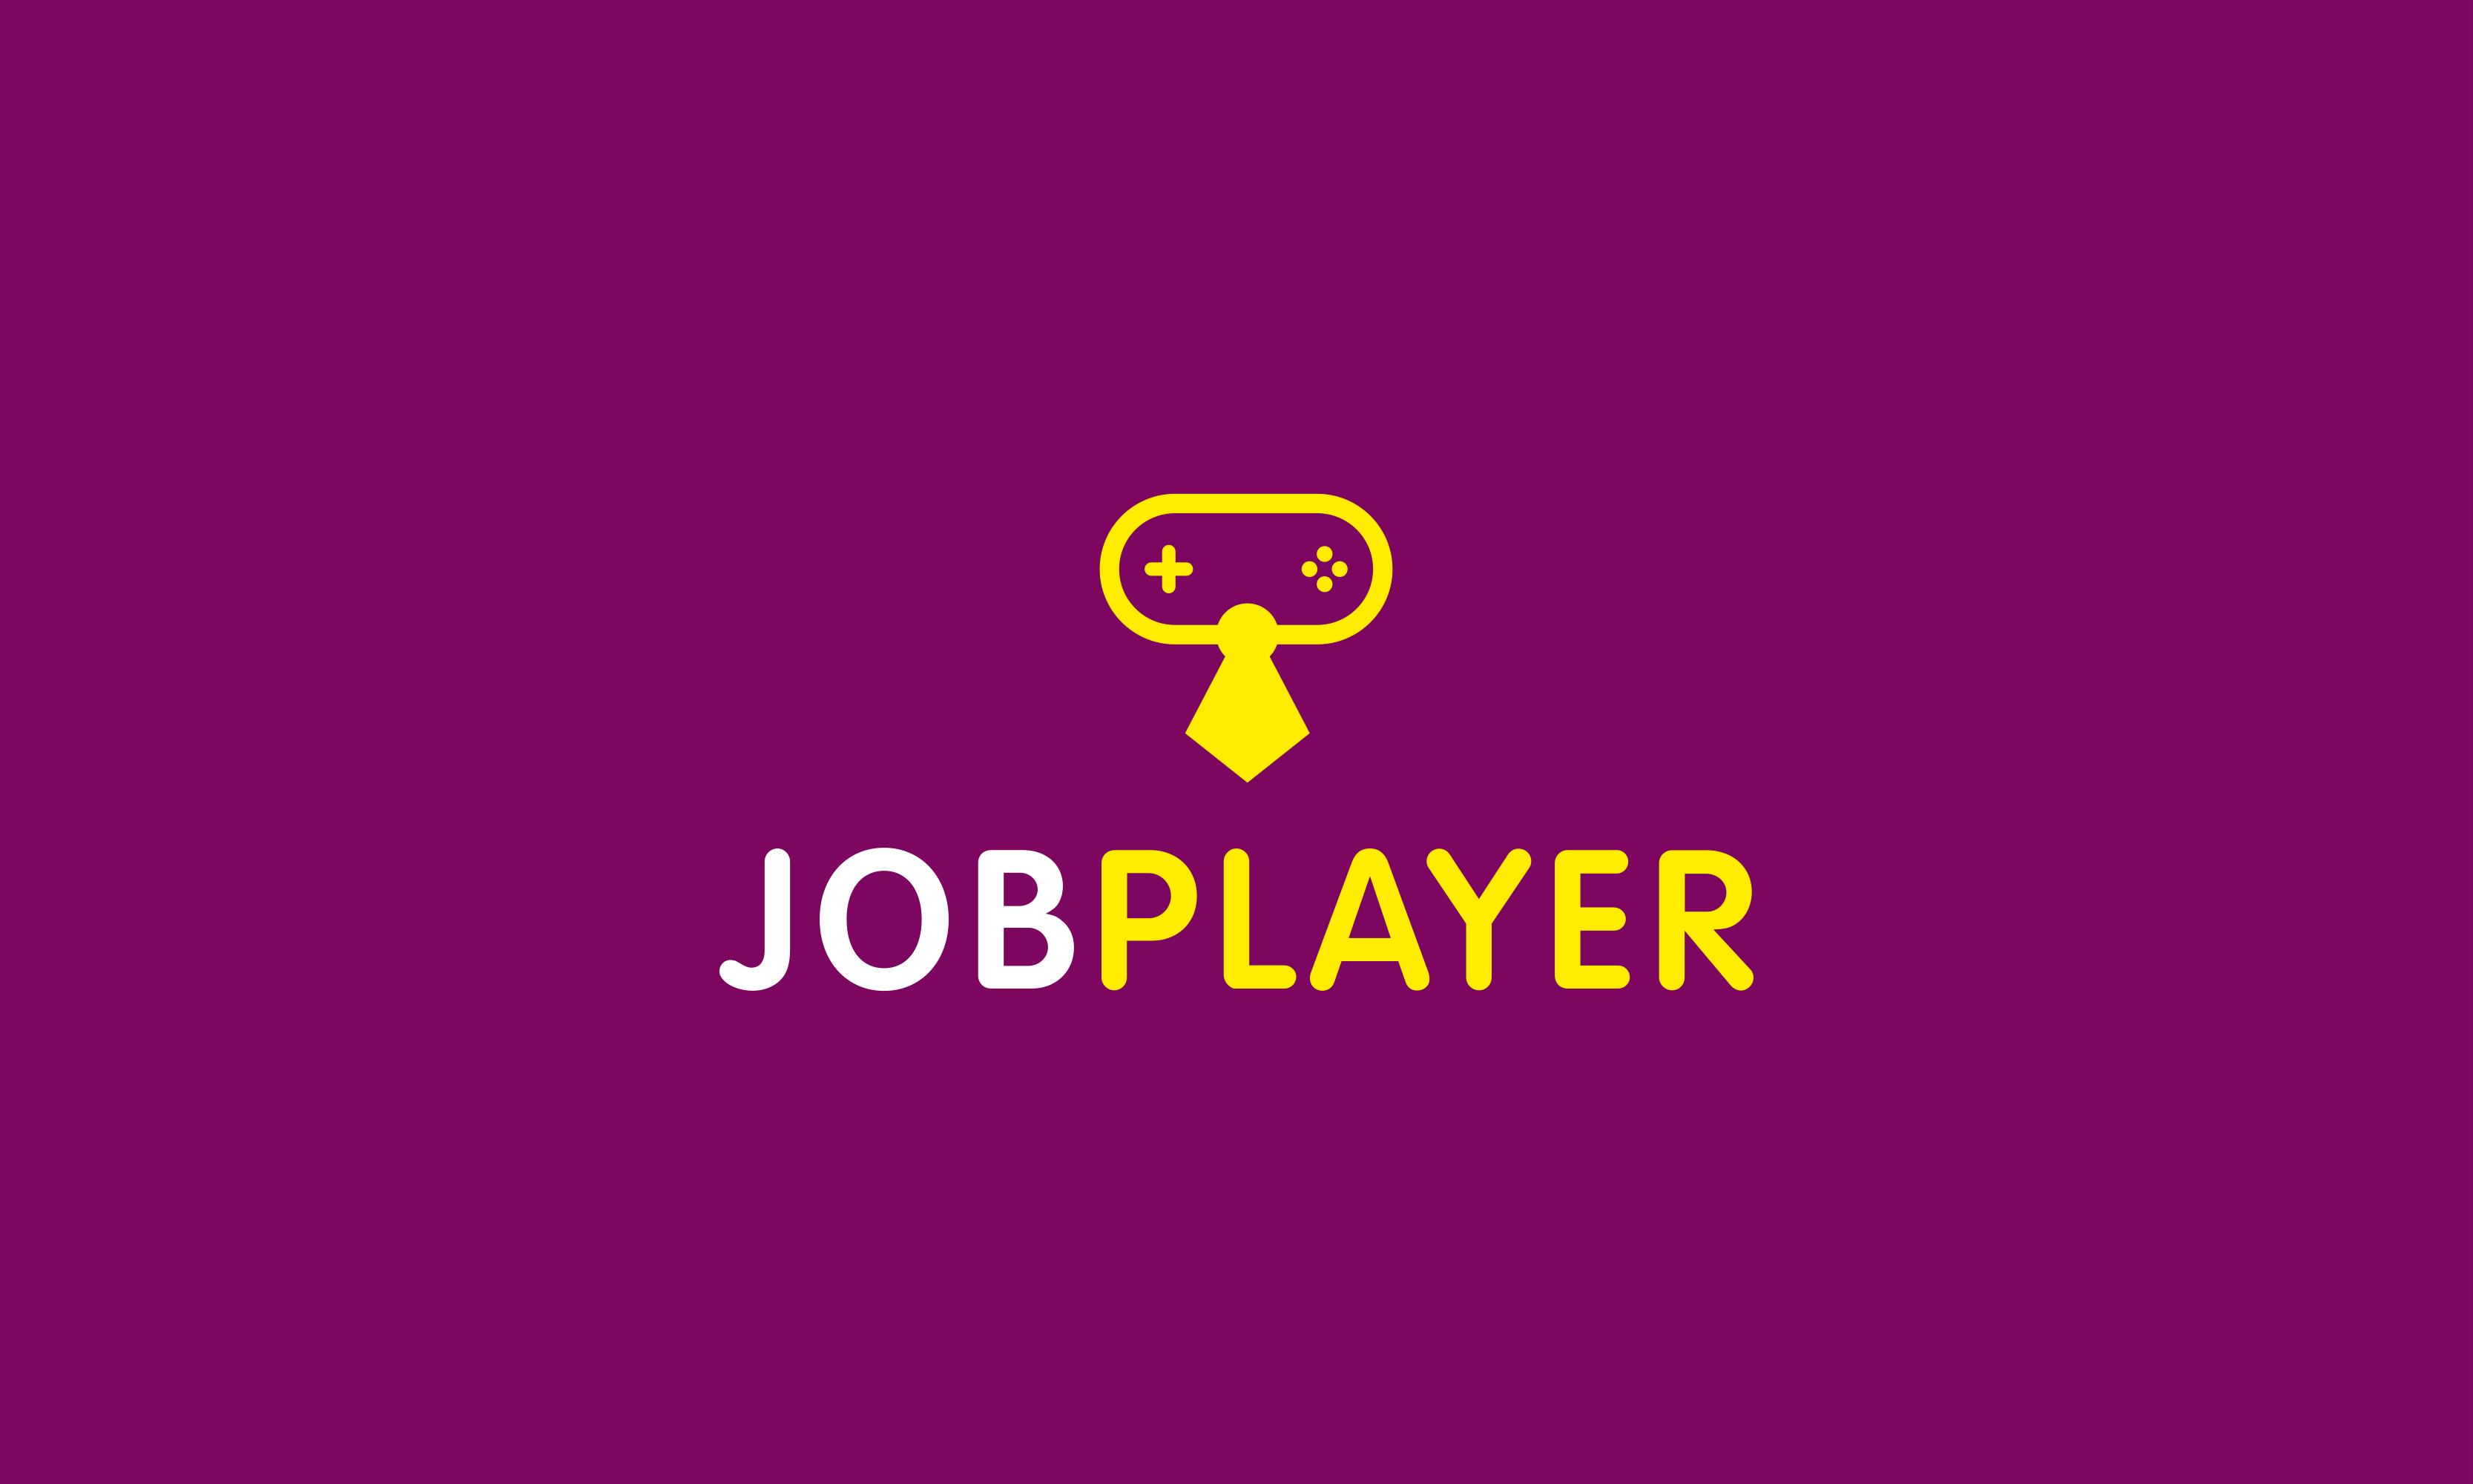 Jobplayer